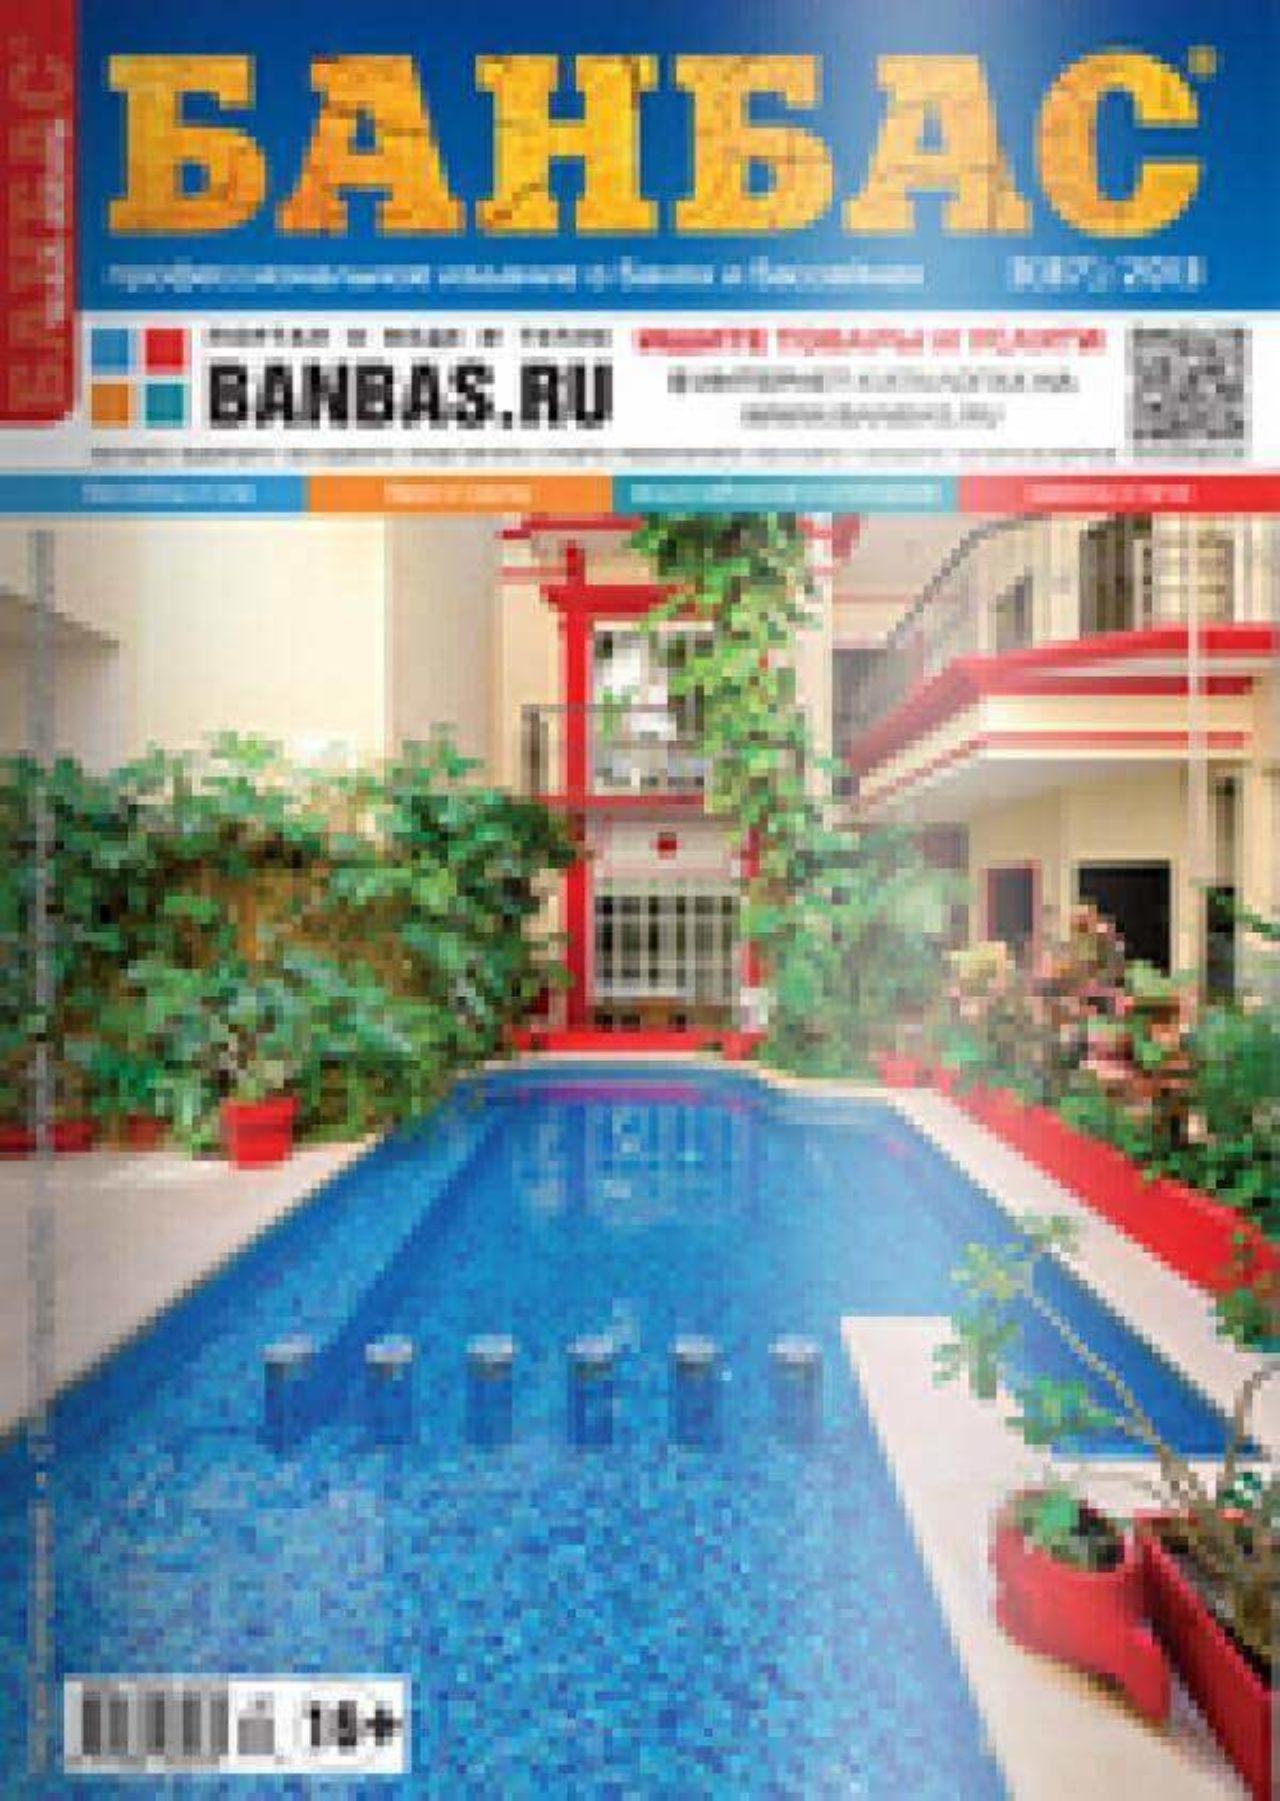 BANBAS 03/2013 | Blog - Microwell